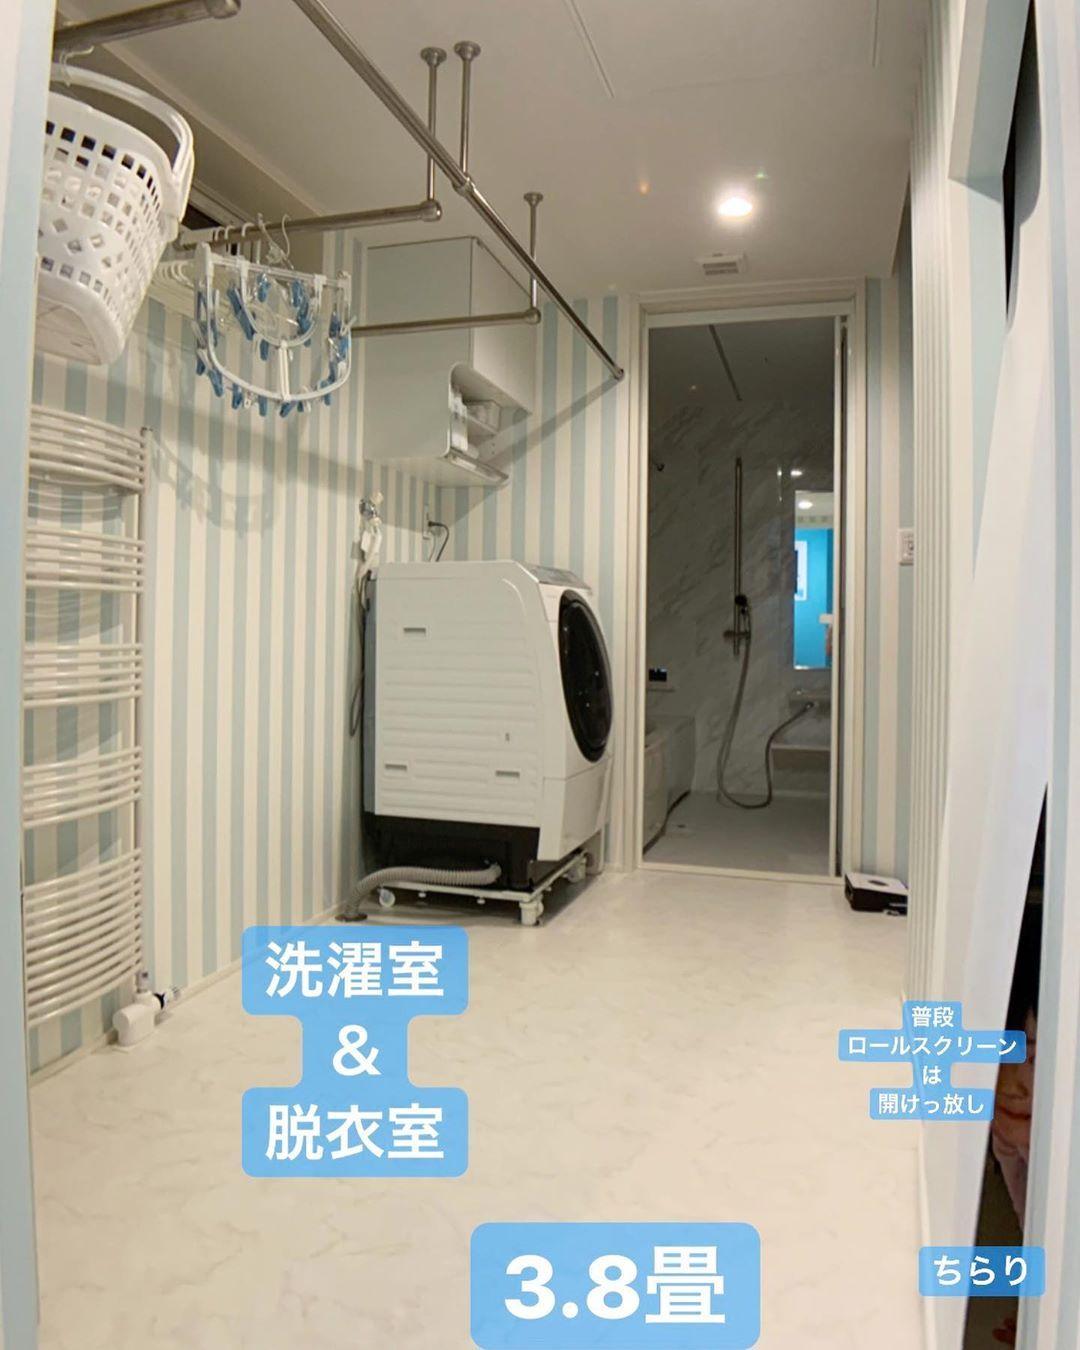 花子さんはinstagramを利用しています 2019 3 25 花子ハウスの ランドリールーム初公開 こんばんは 我が家の間取り大成功ランキング 上位の 洗濯室 脱衣室 ファミクロをご紹介します これまで住んでいた賃貸は 極狭狭 ランドリー